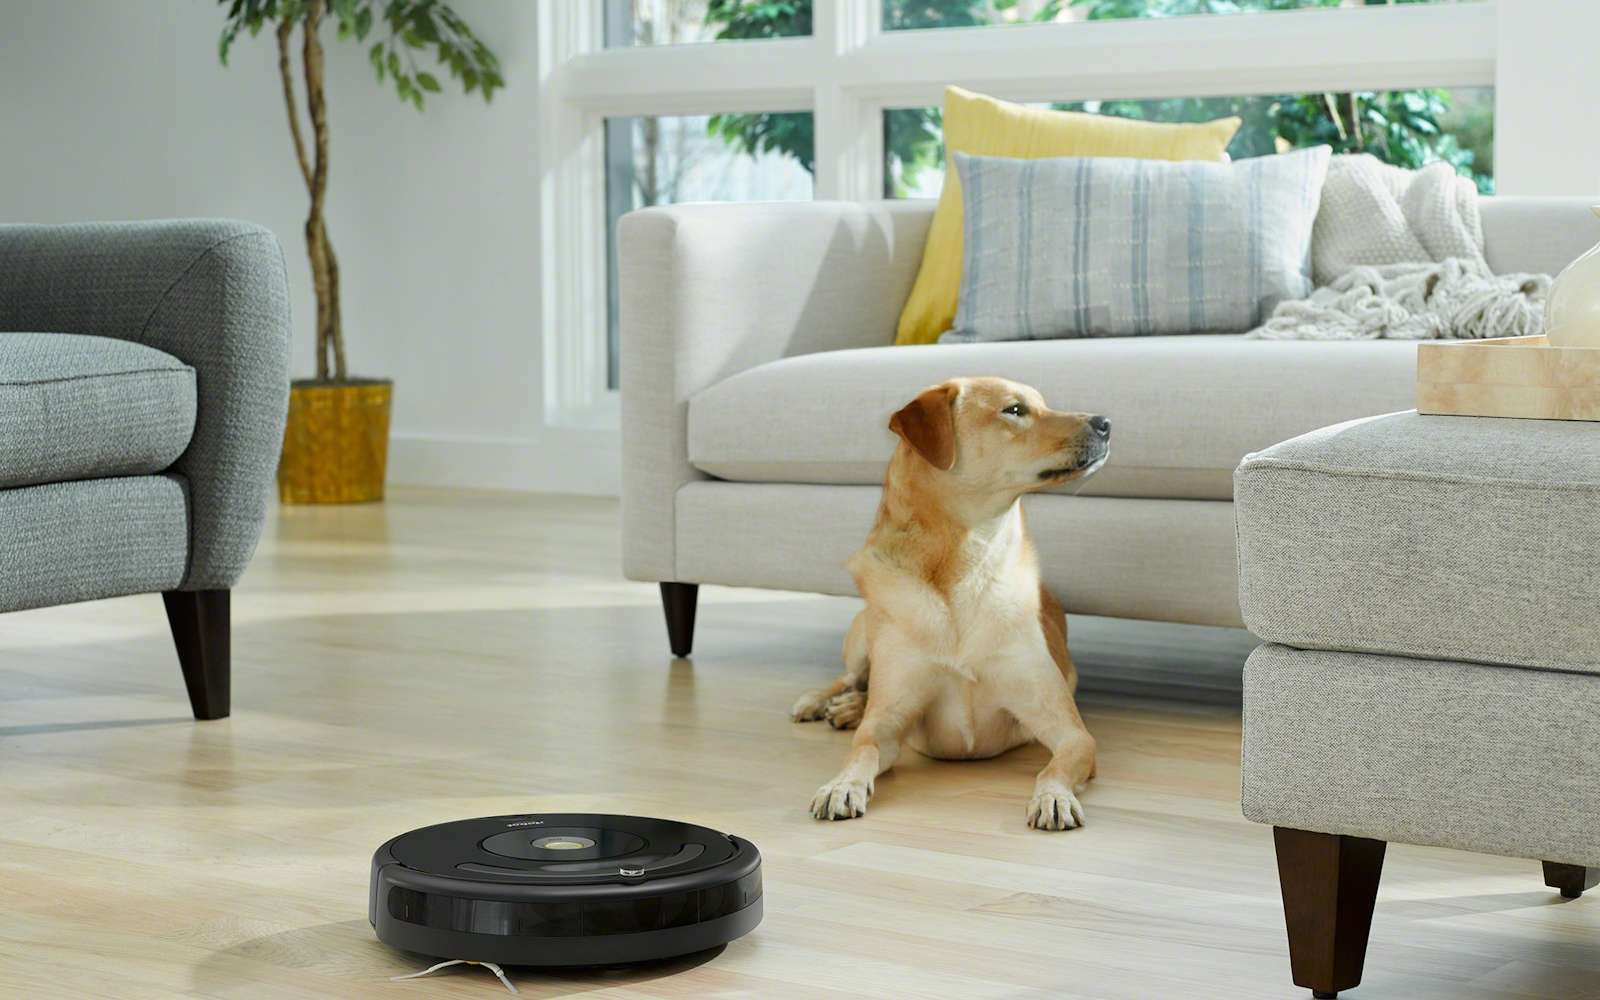 iRobot souhaite que ses aspirateurs-robots soient plus autonomes dans la pièce. © iRobot